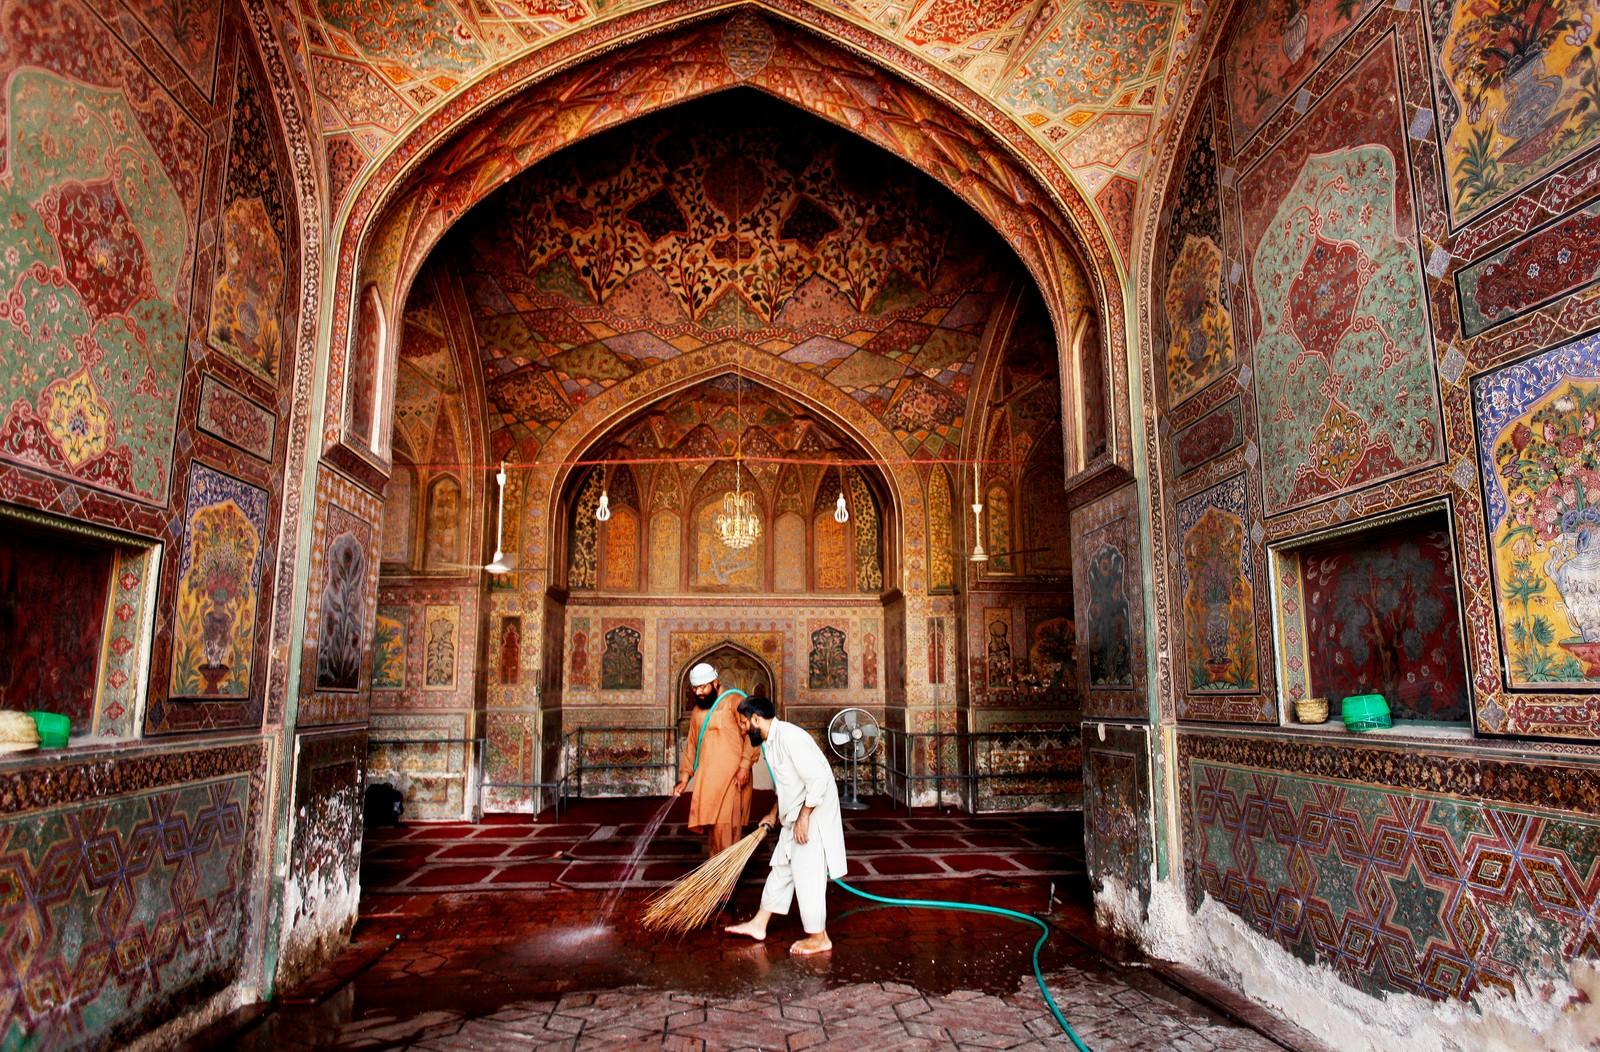 Gulvet i Badshahi-moskeen i Lahore i Pakistan blir vasket før fasten innledes.